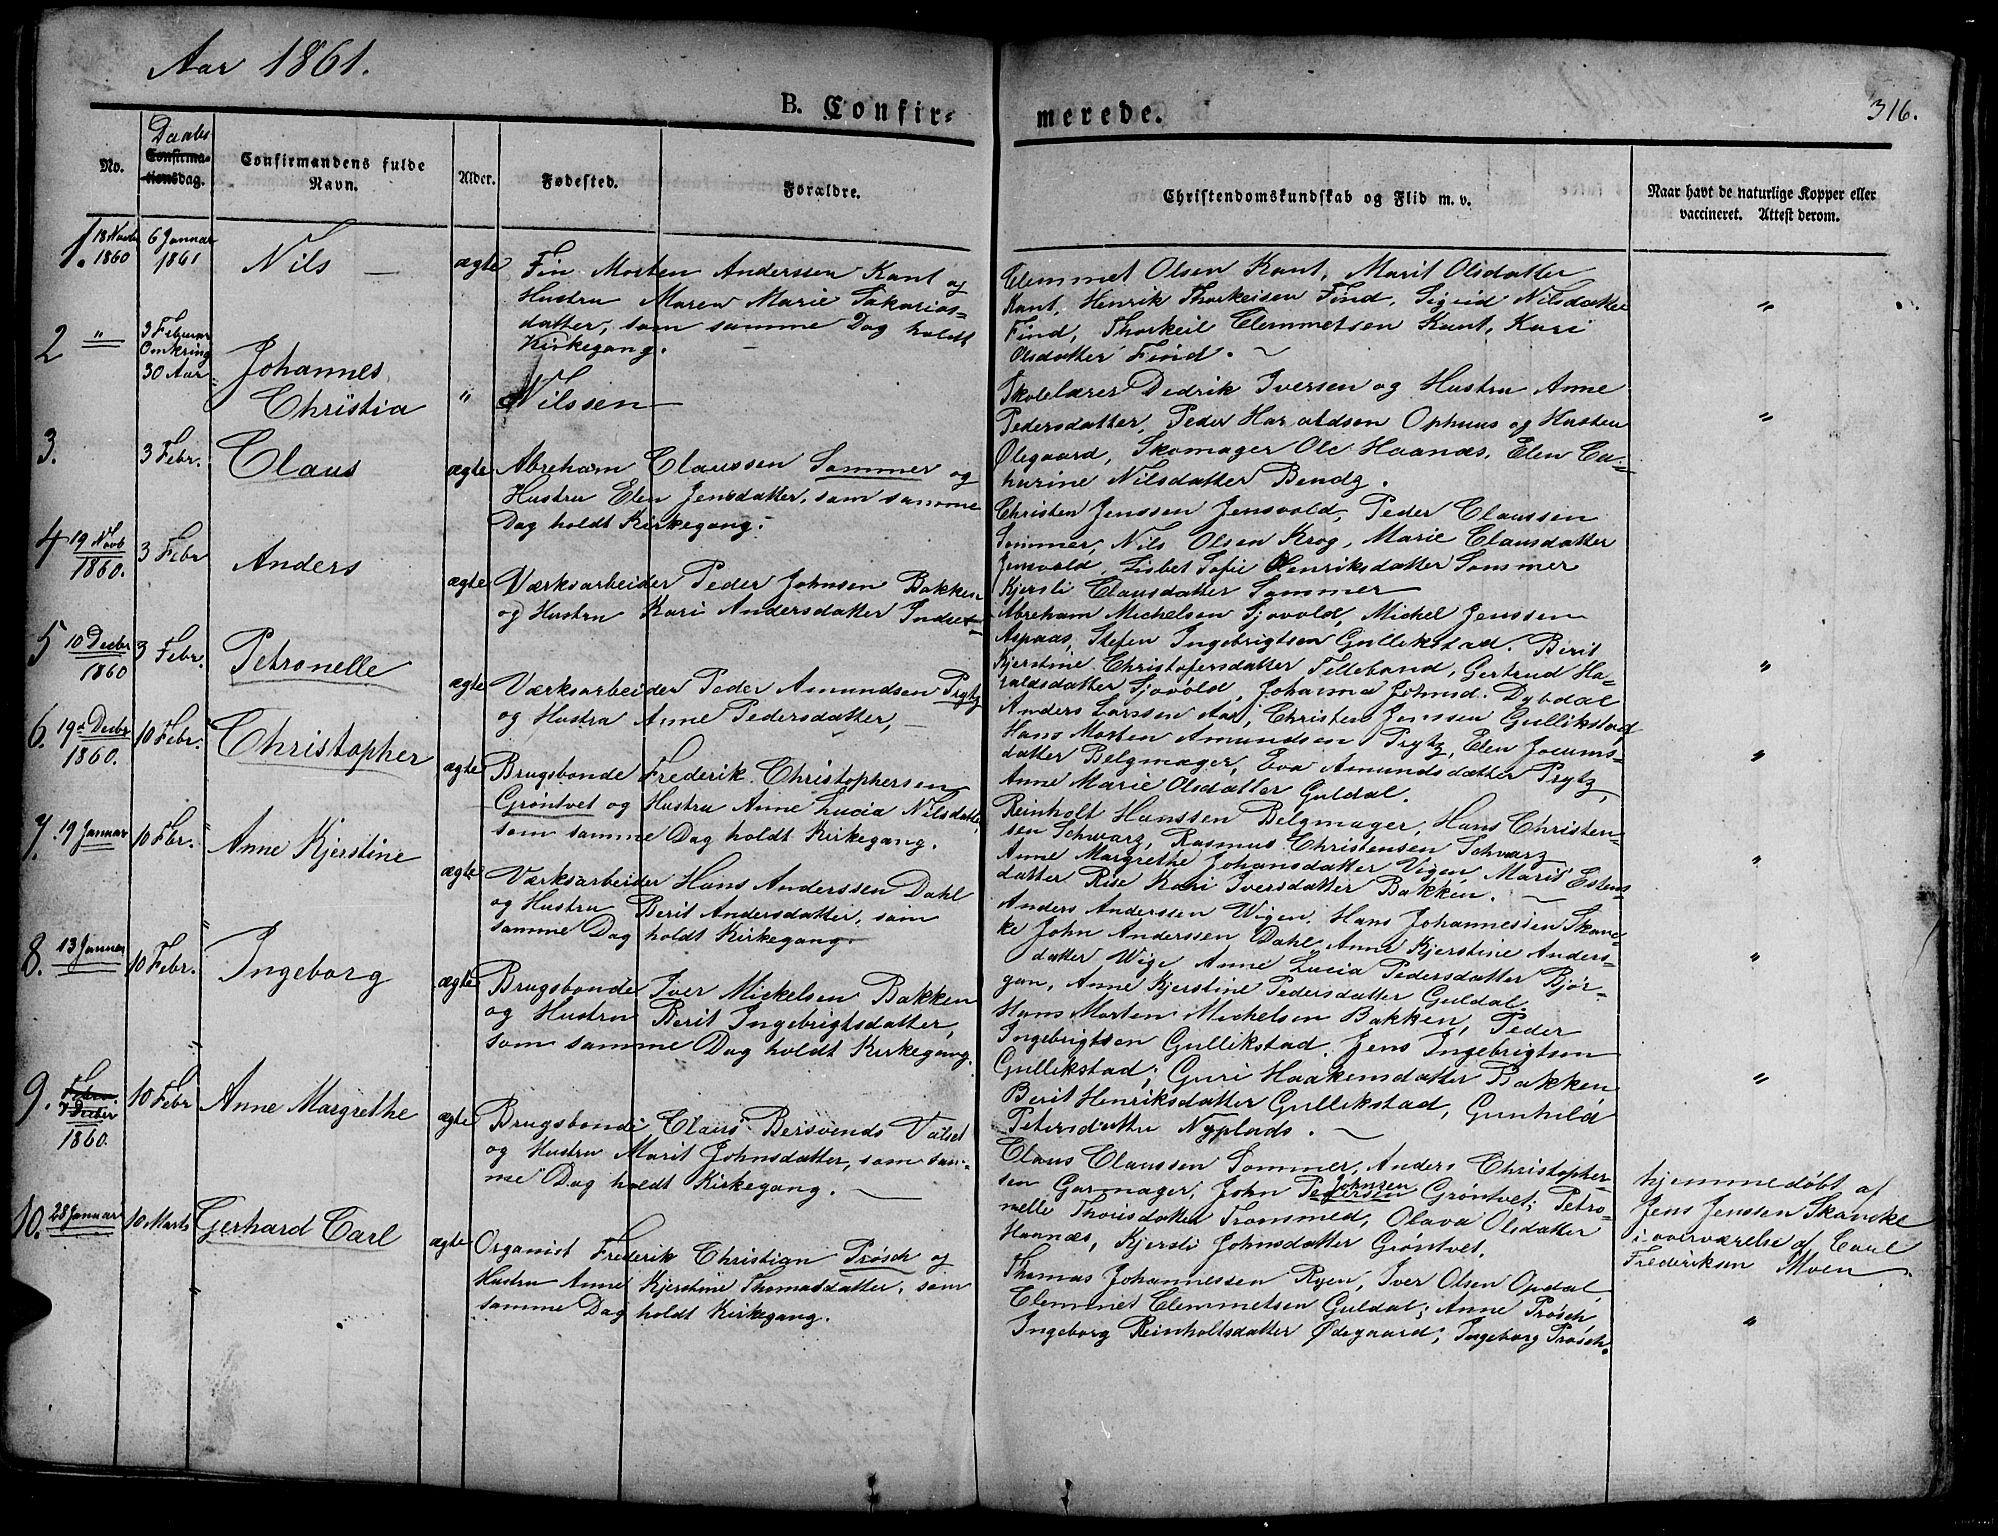 SAT, Ministerialprotokoller, klokkerbøker og fødselsregistre - Sør-Trøndelag, 681/L0938: Klokkerbok nr. 681C02, 1829-1879, s. 316